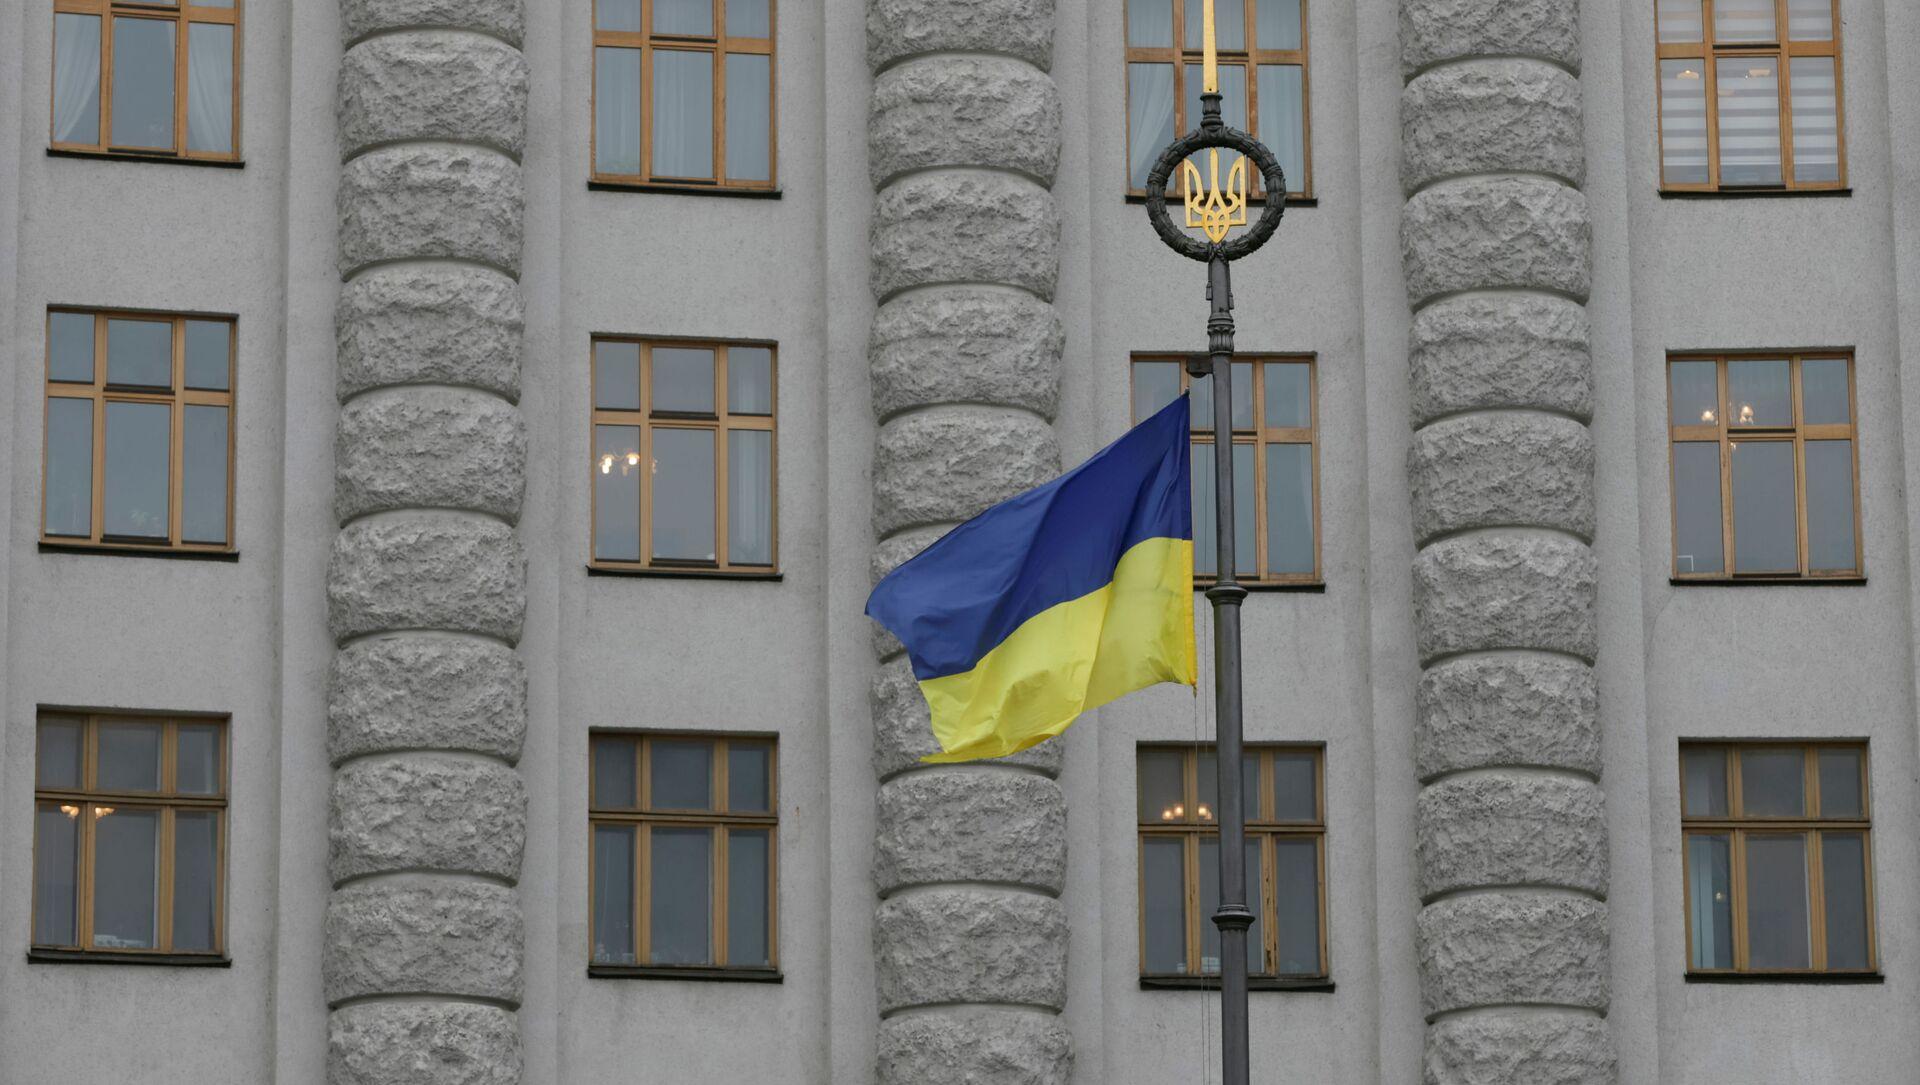 Le drapeau ukrainien (photo d'archives) - Sputnik France, 1920, 10.09.2021